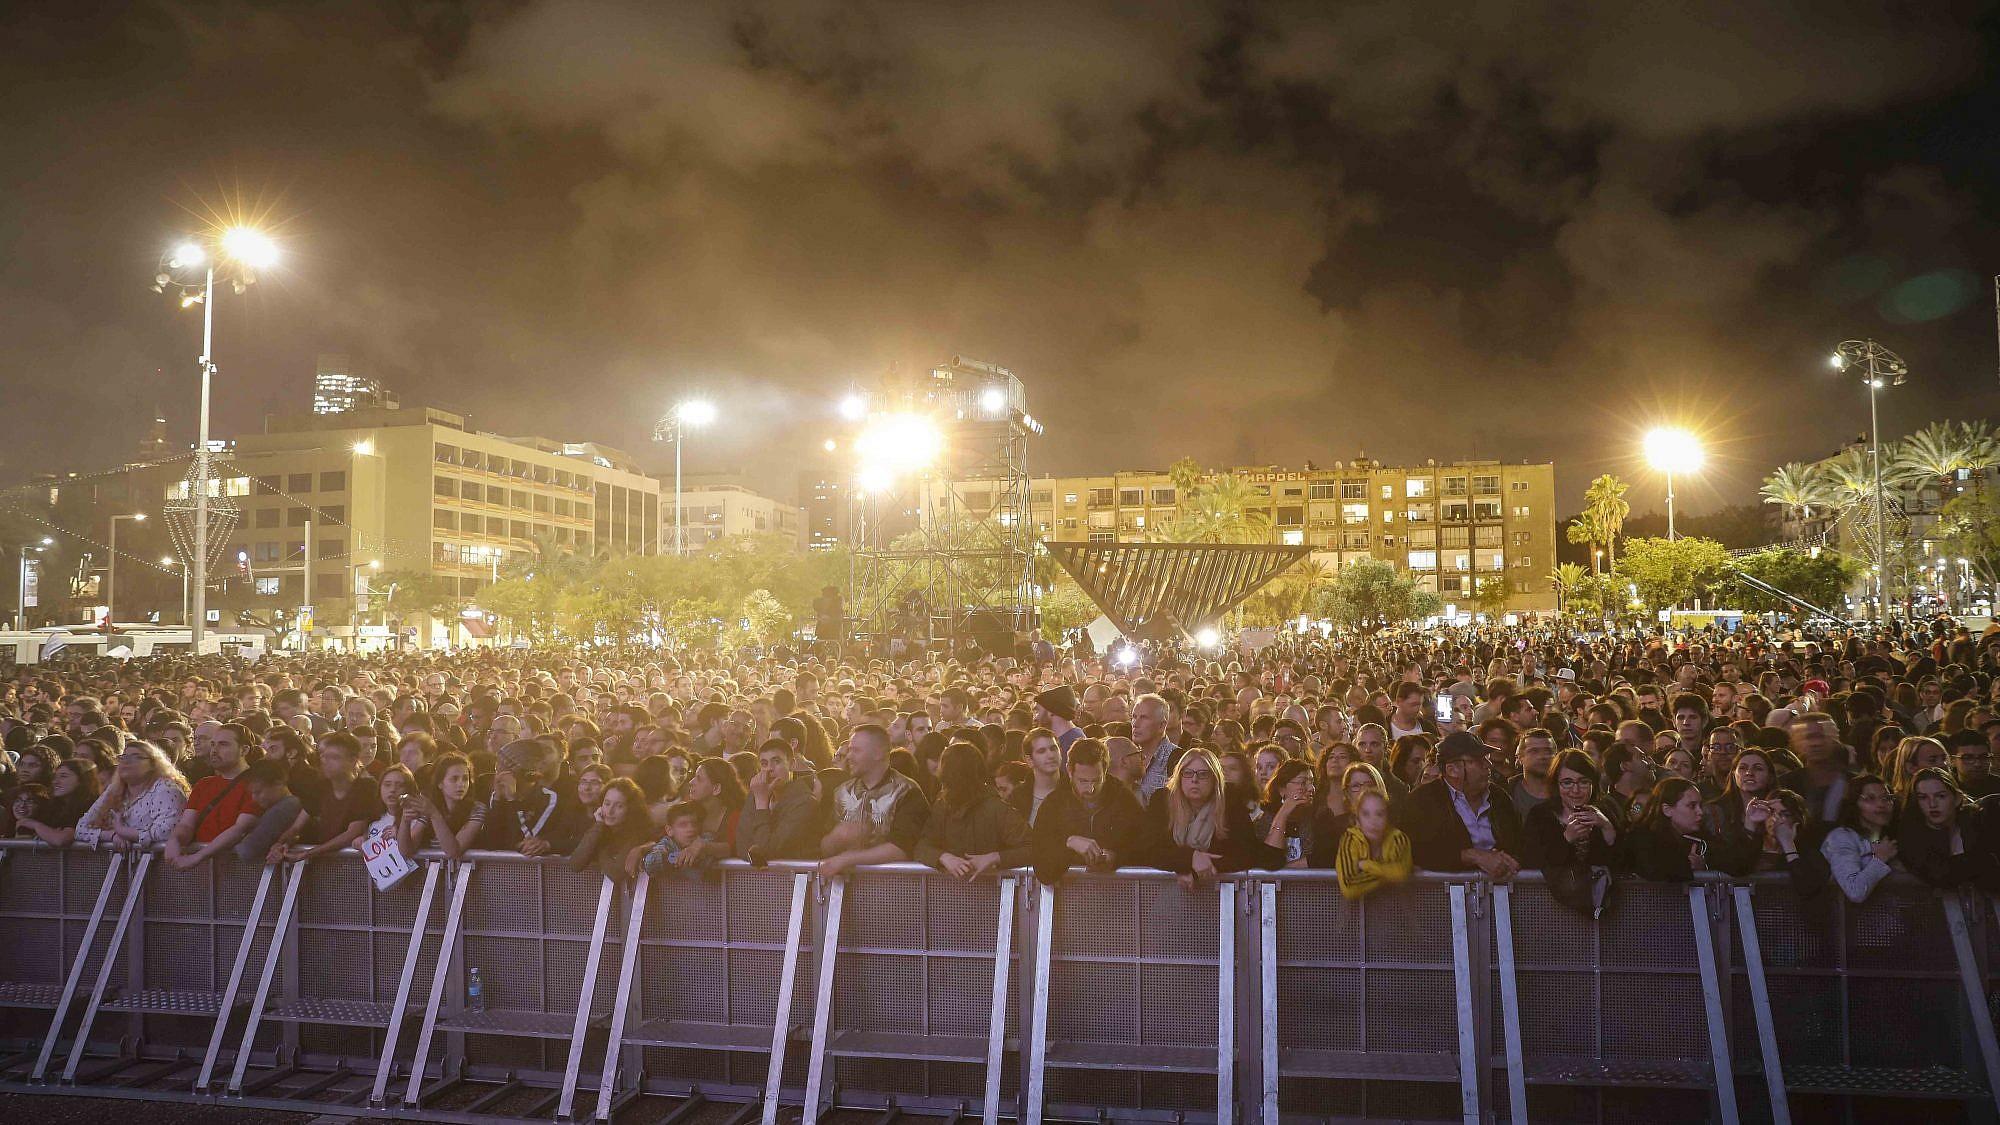 Israel Calling בכיכר רבין (צילום: גיא יחיאלי)